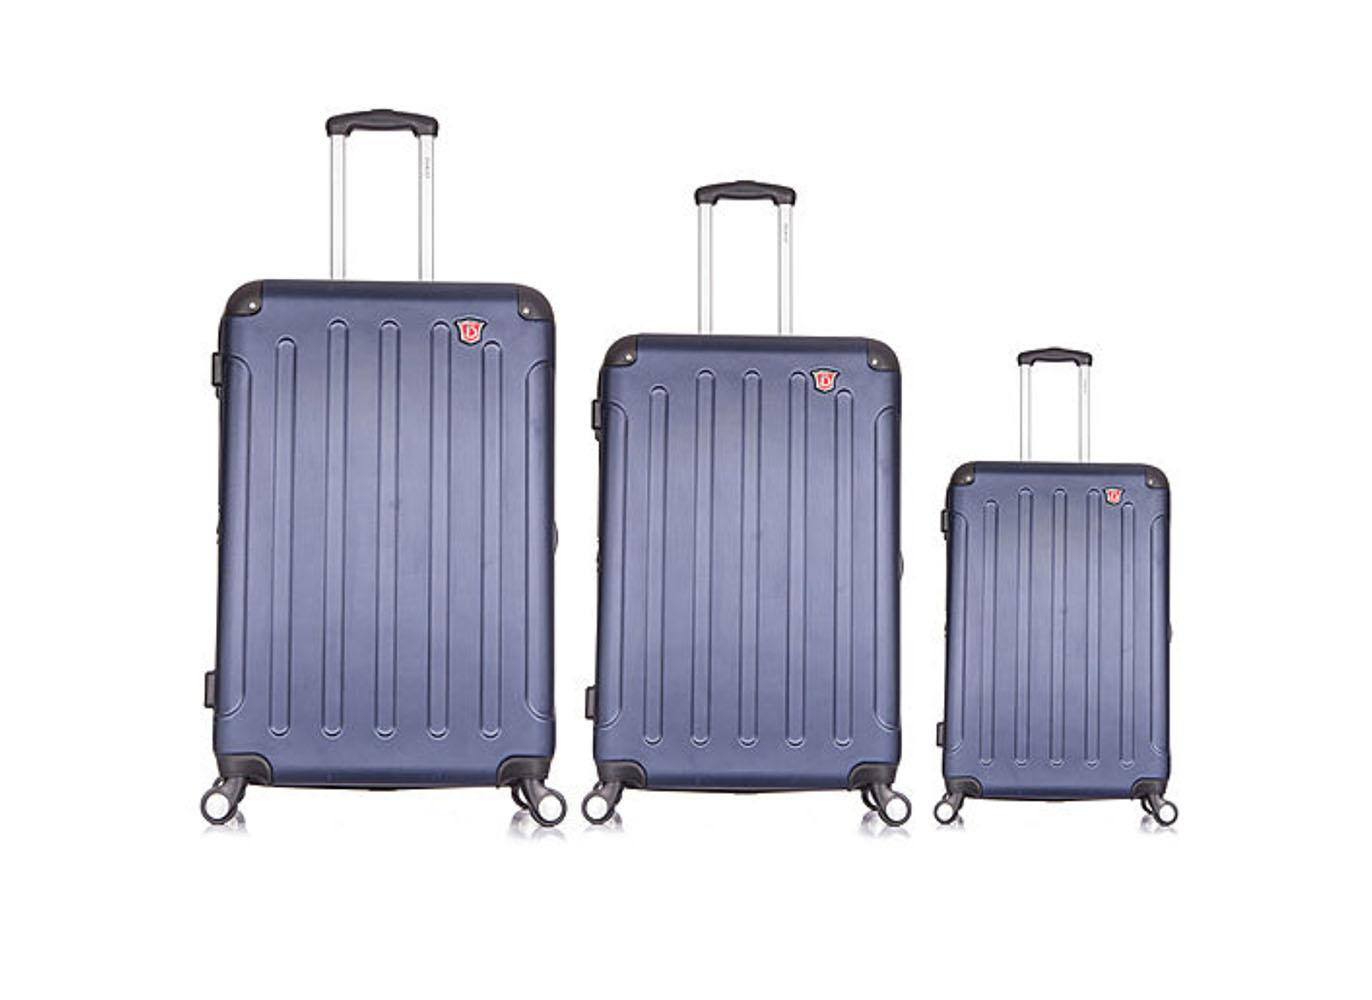 DUKAP Intely Smart Hardside Luggage Set